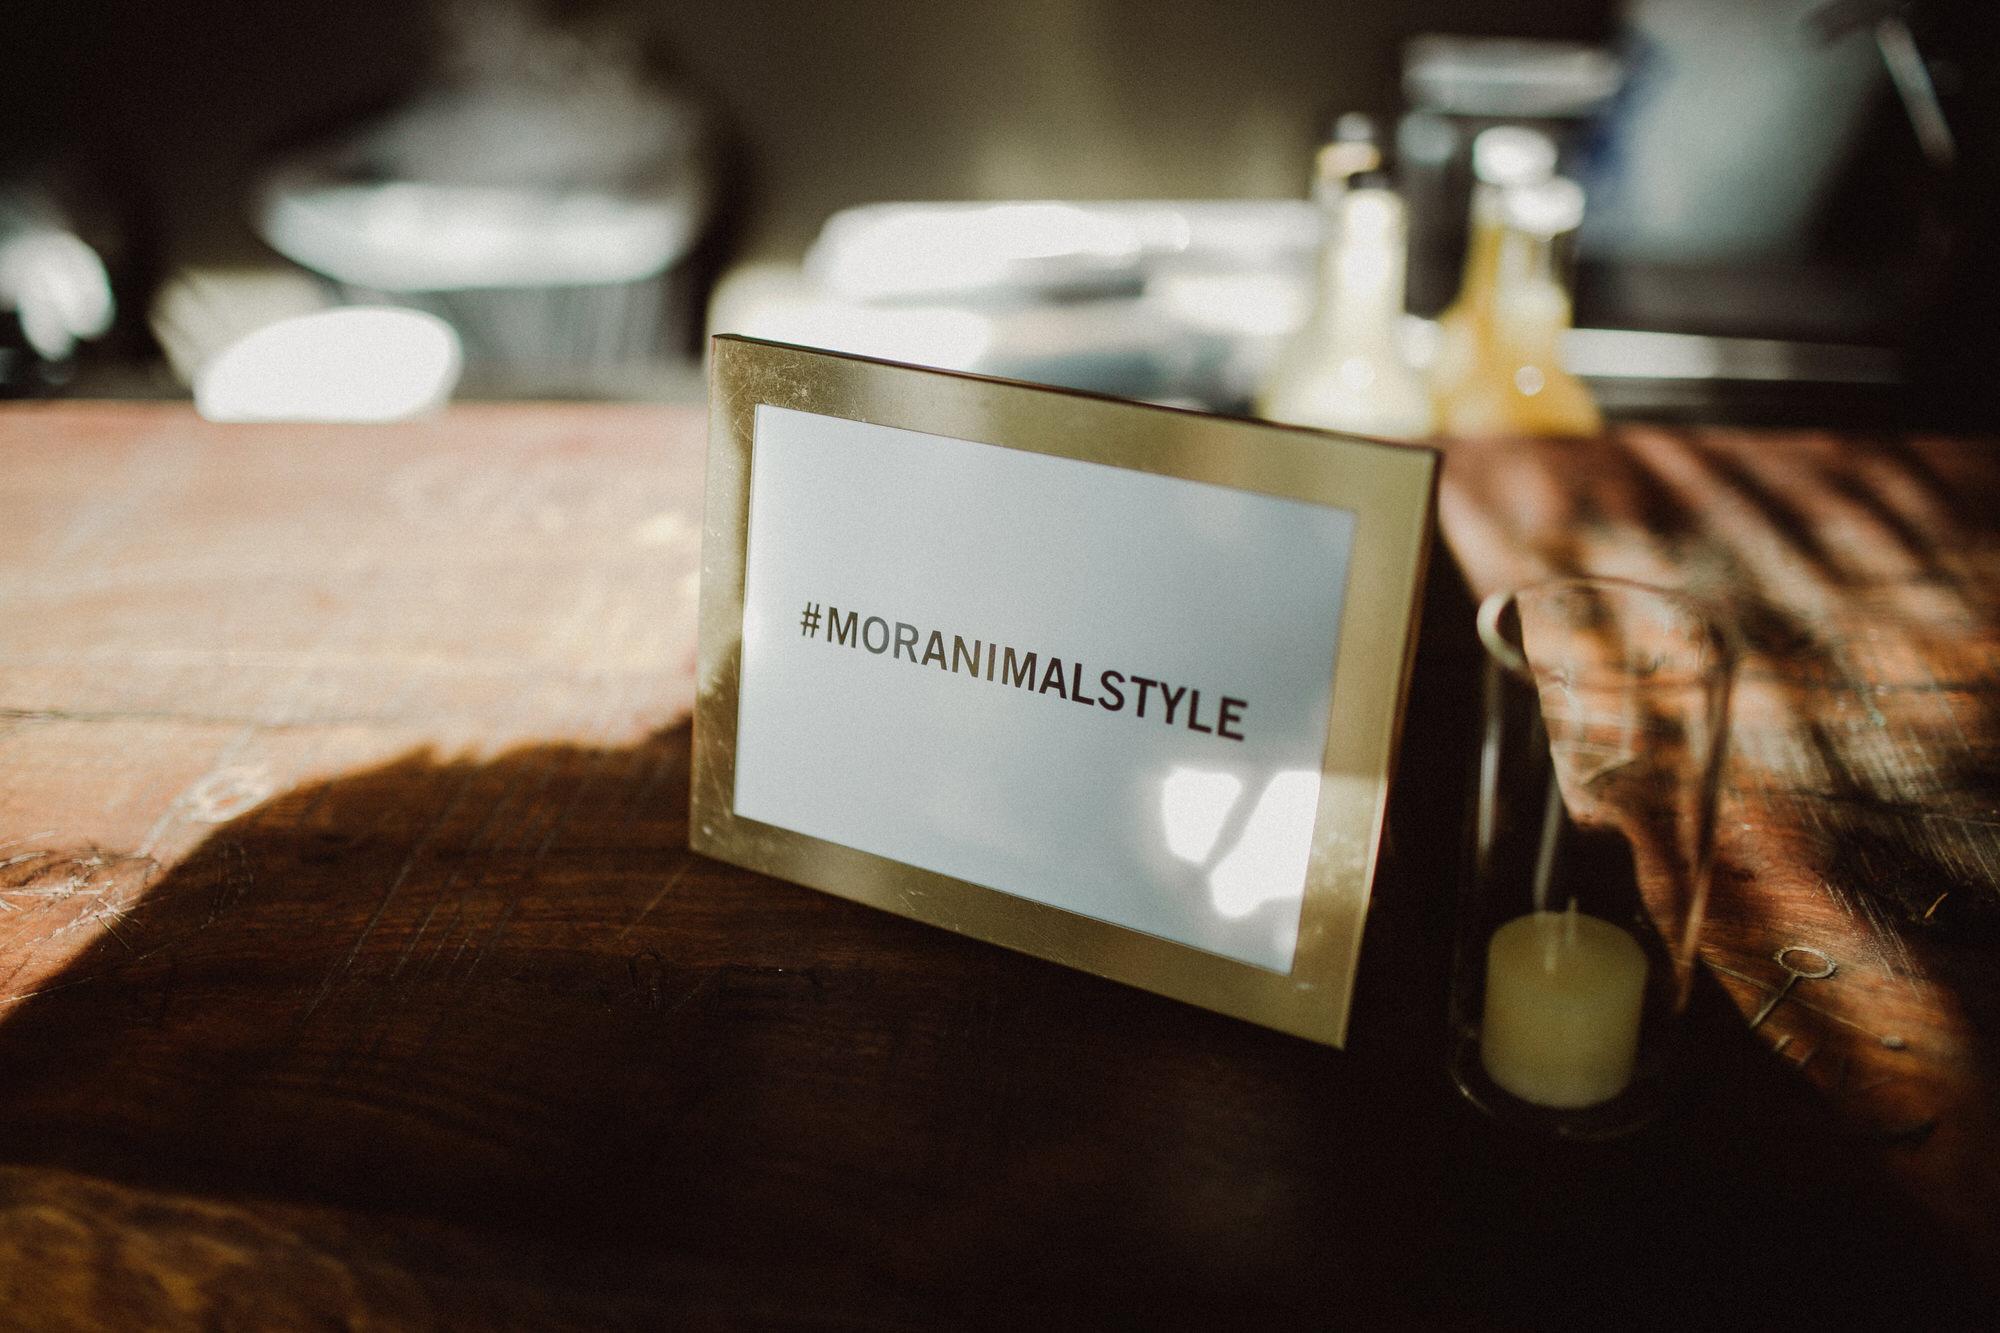 moranimal style wedding hashtag